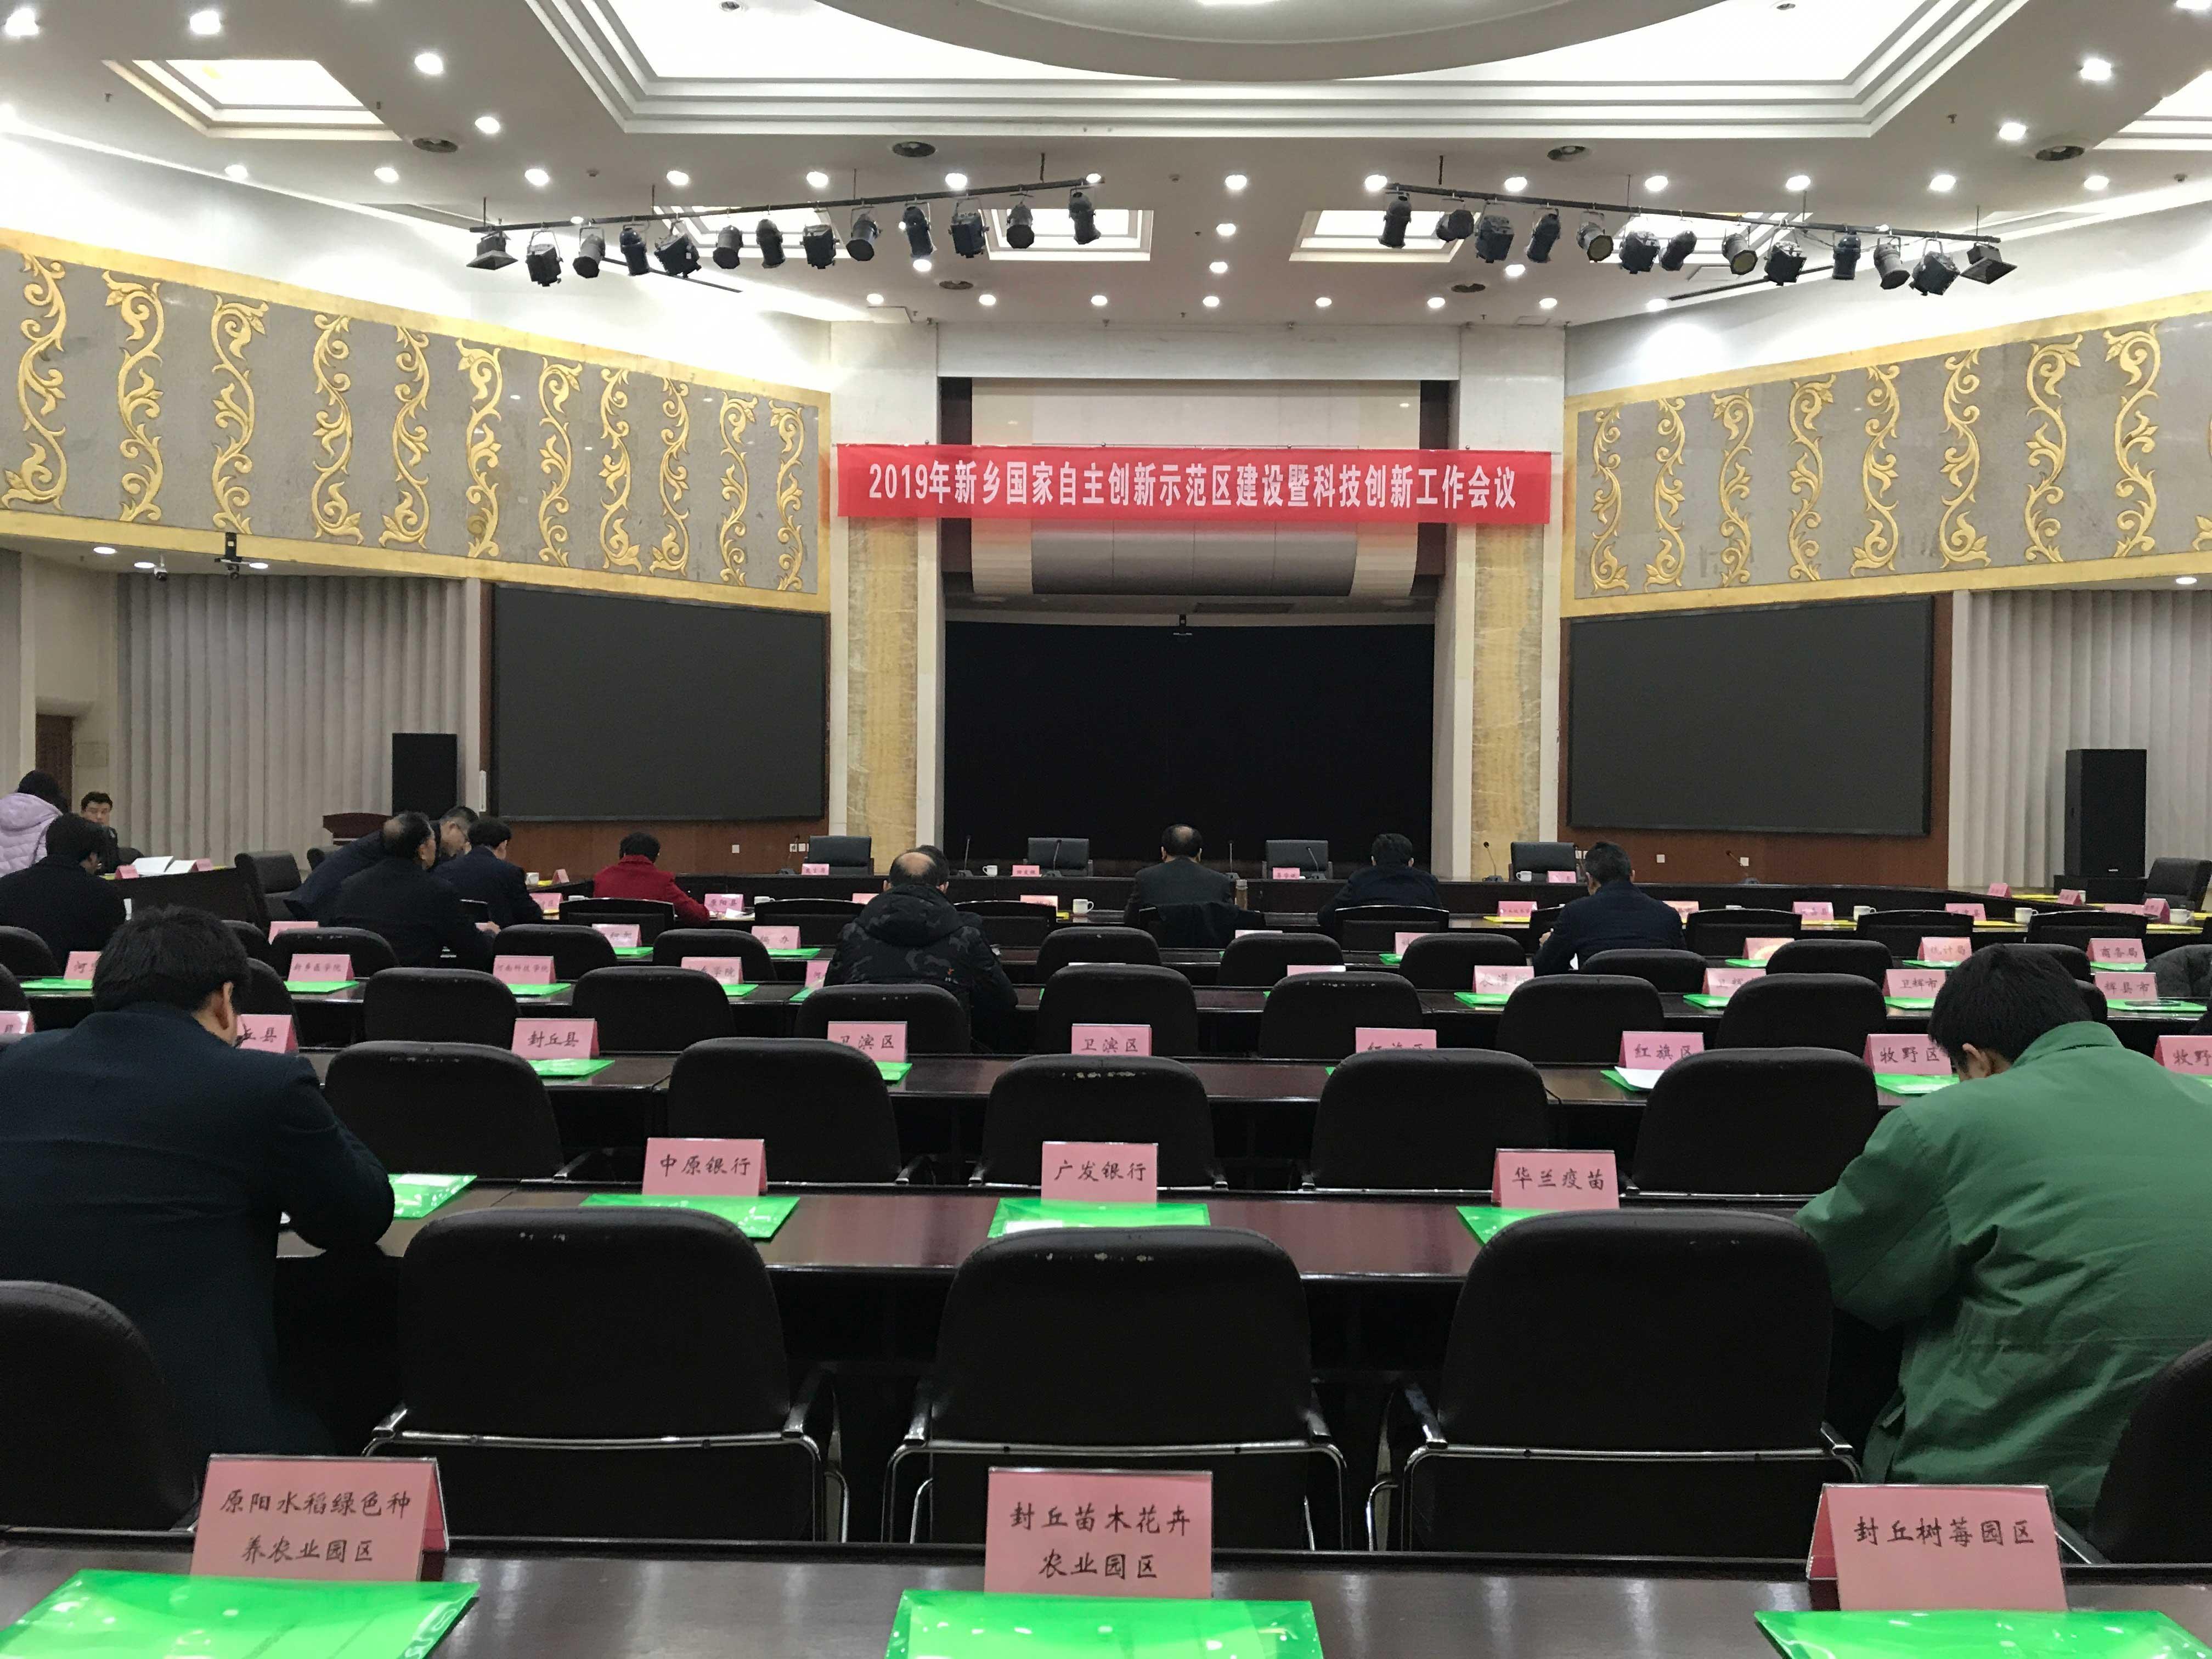 2019新乡自创区会议